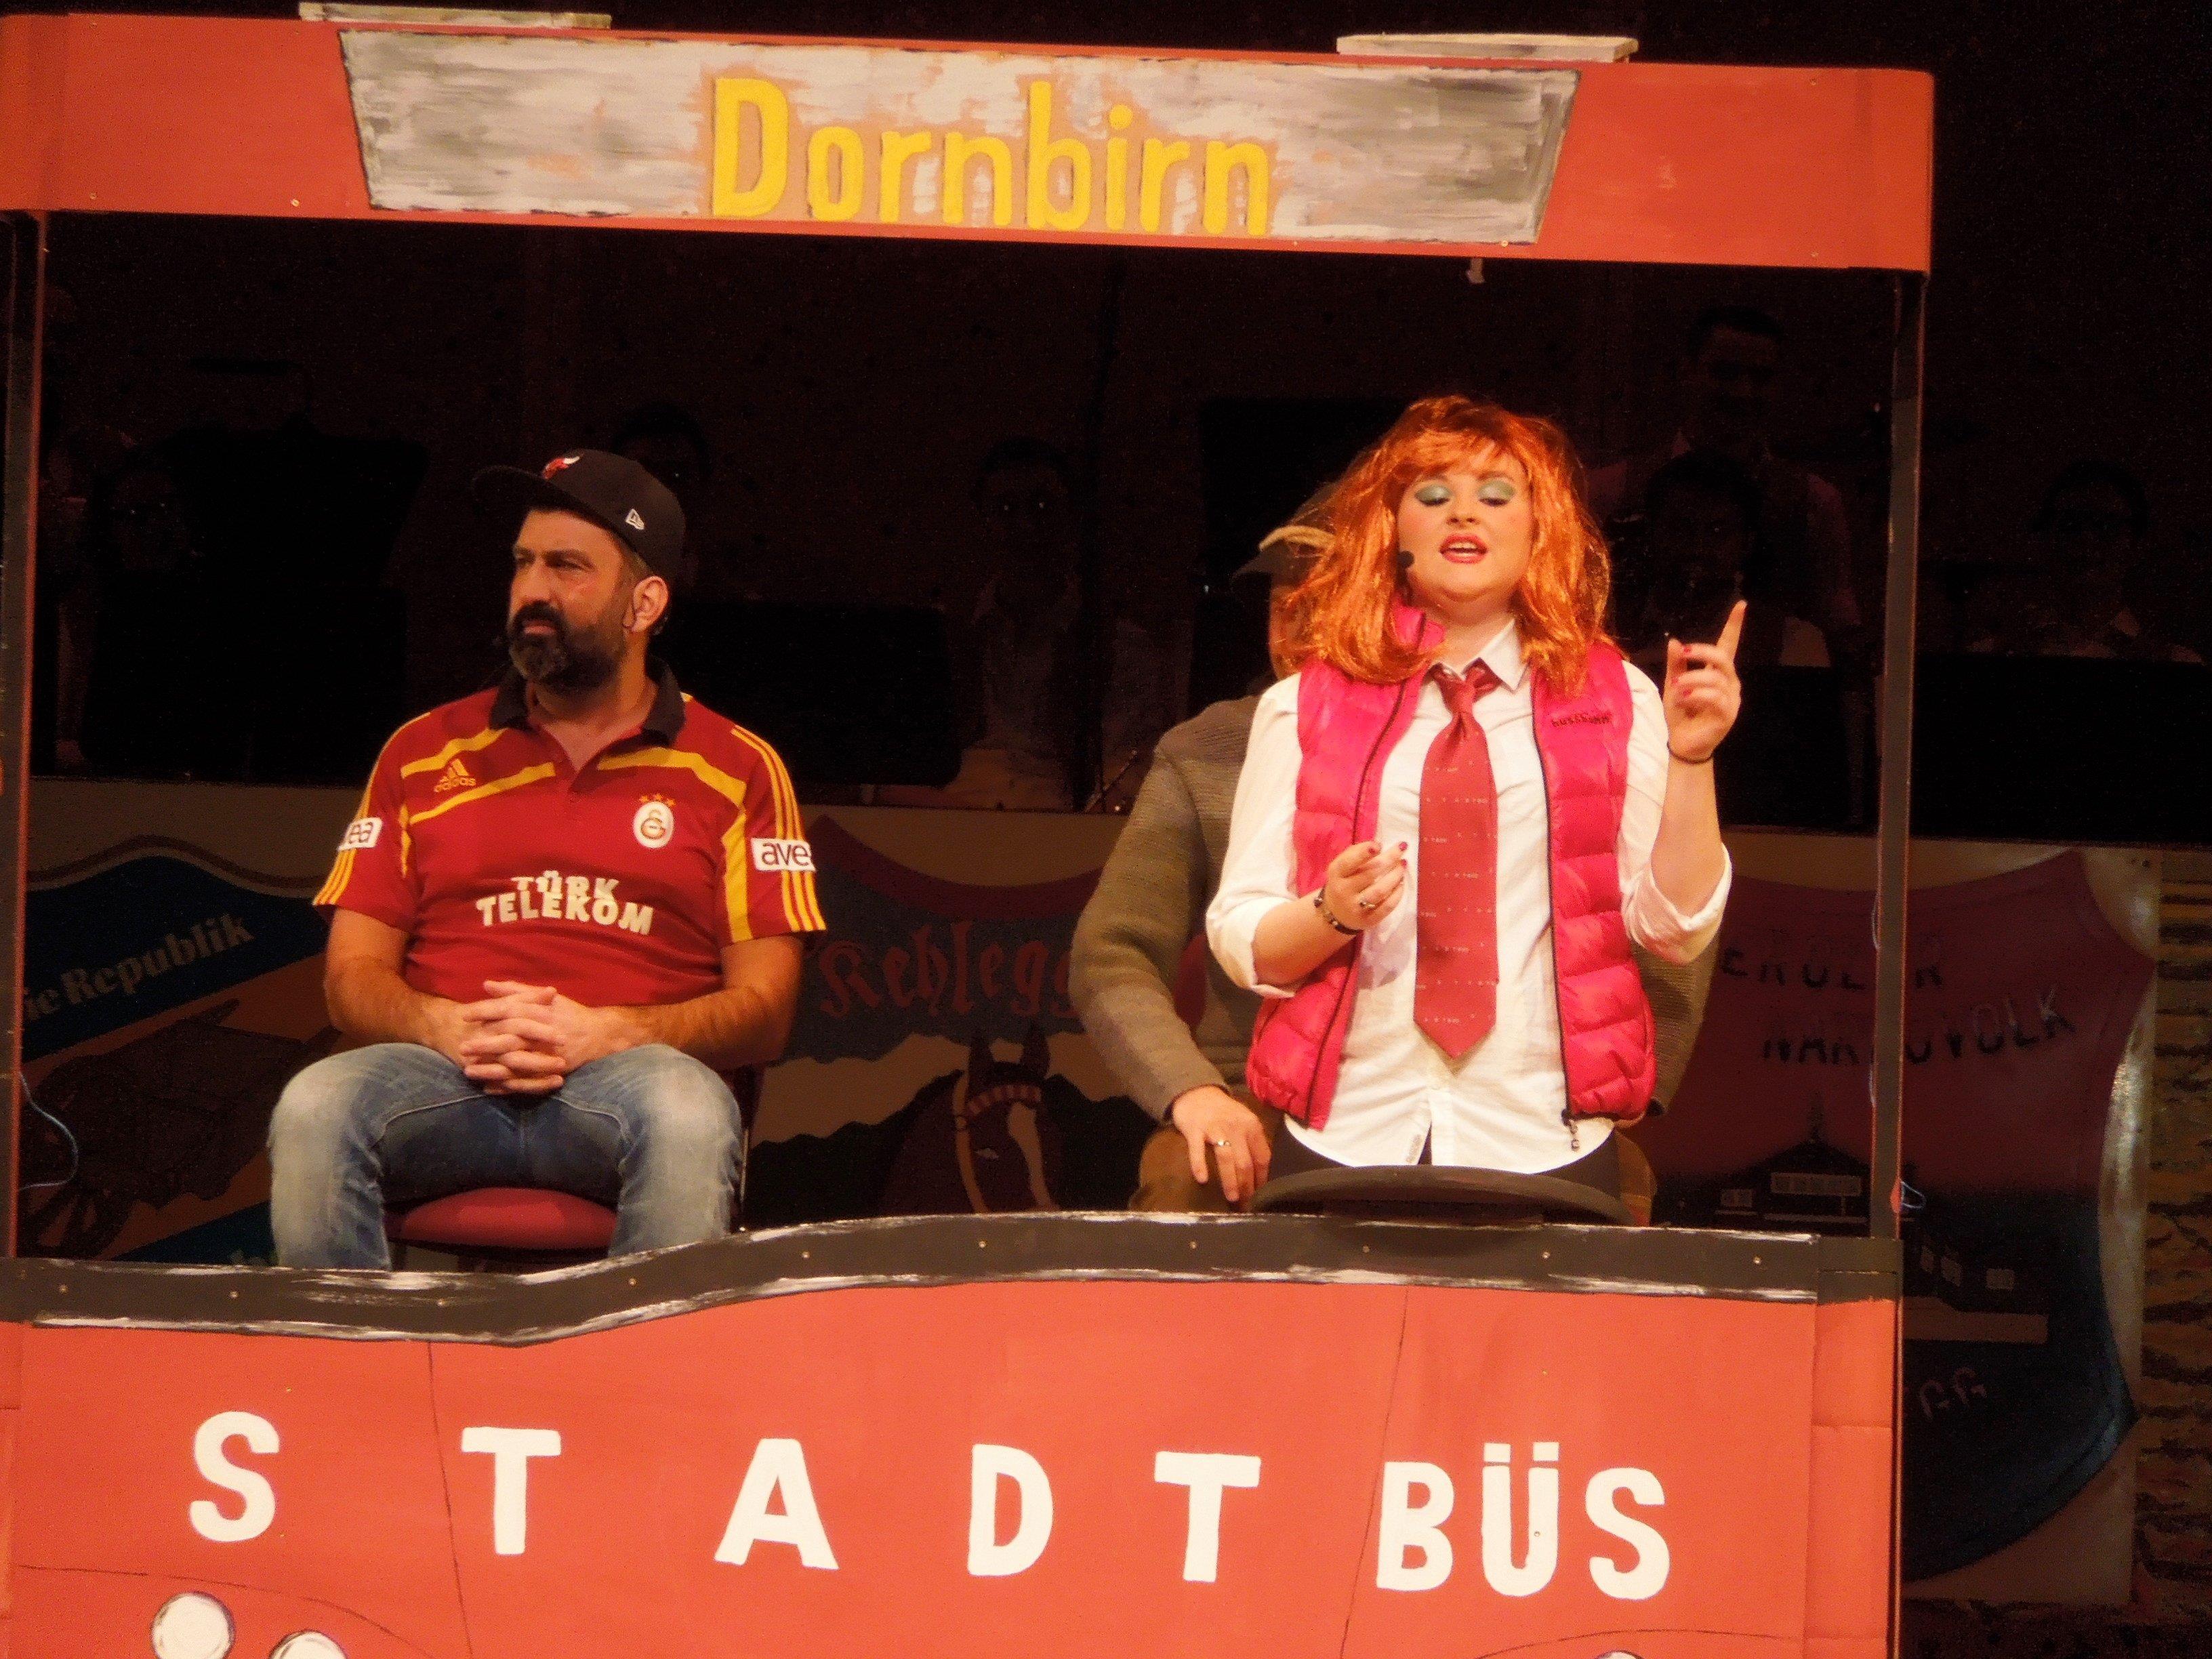 Der Stadtbüs war einer der kabarettistischen Höhepunkte des Narrenabends.